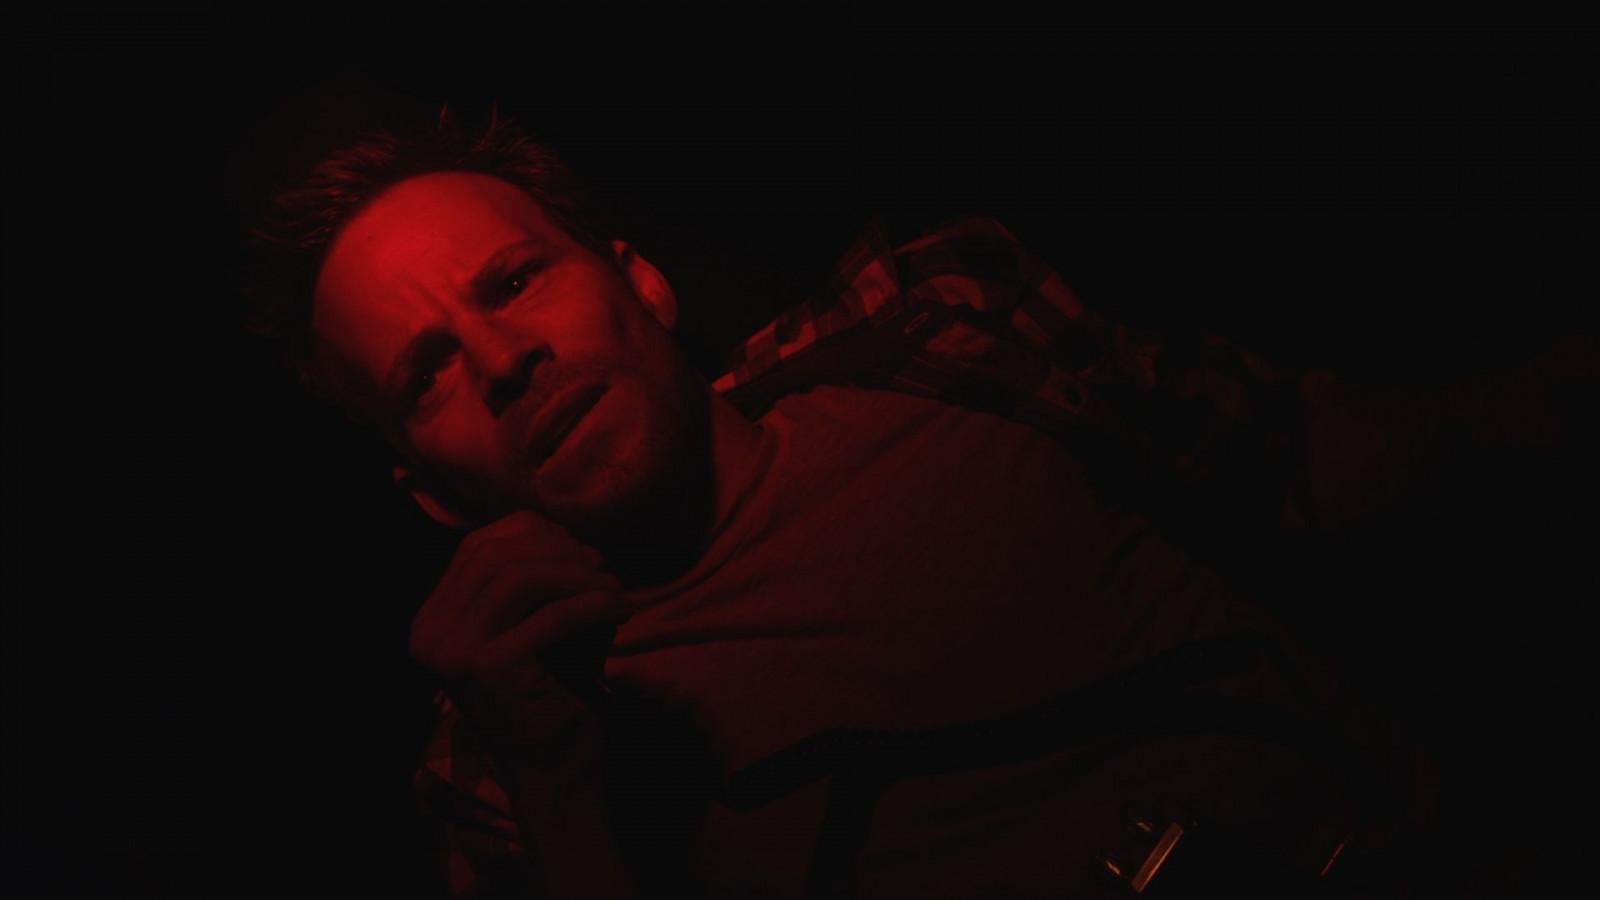 Hintergrundbilder : Stephen dorff, Gesicht, Rahmen, Licht 1920x1080 ...